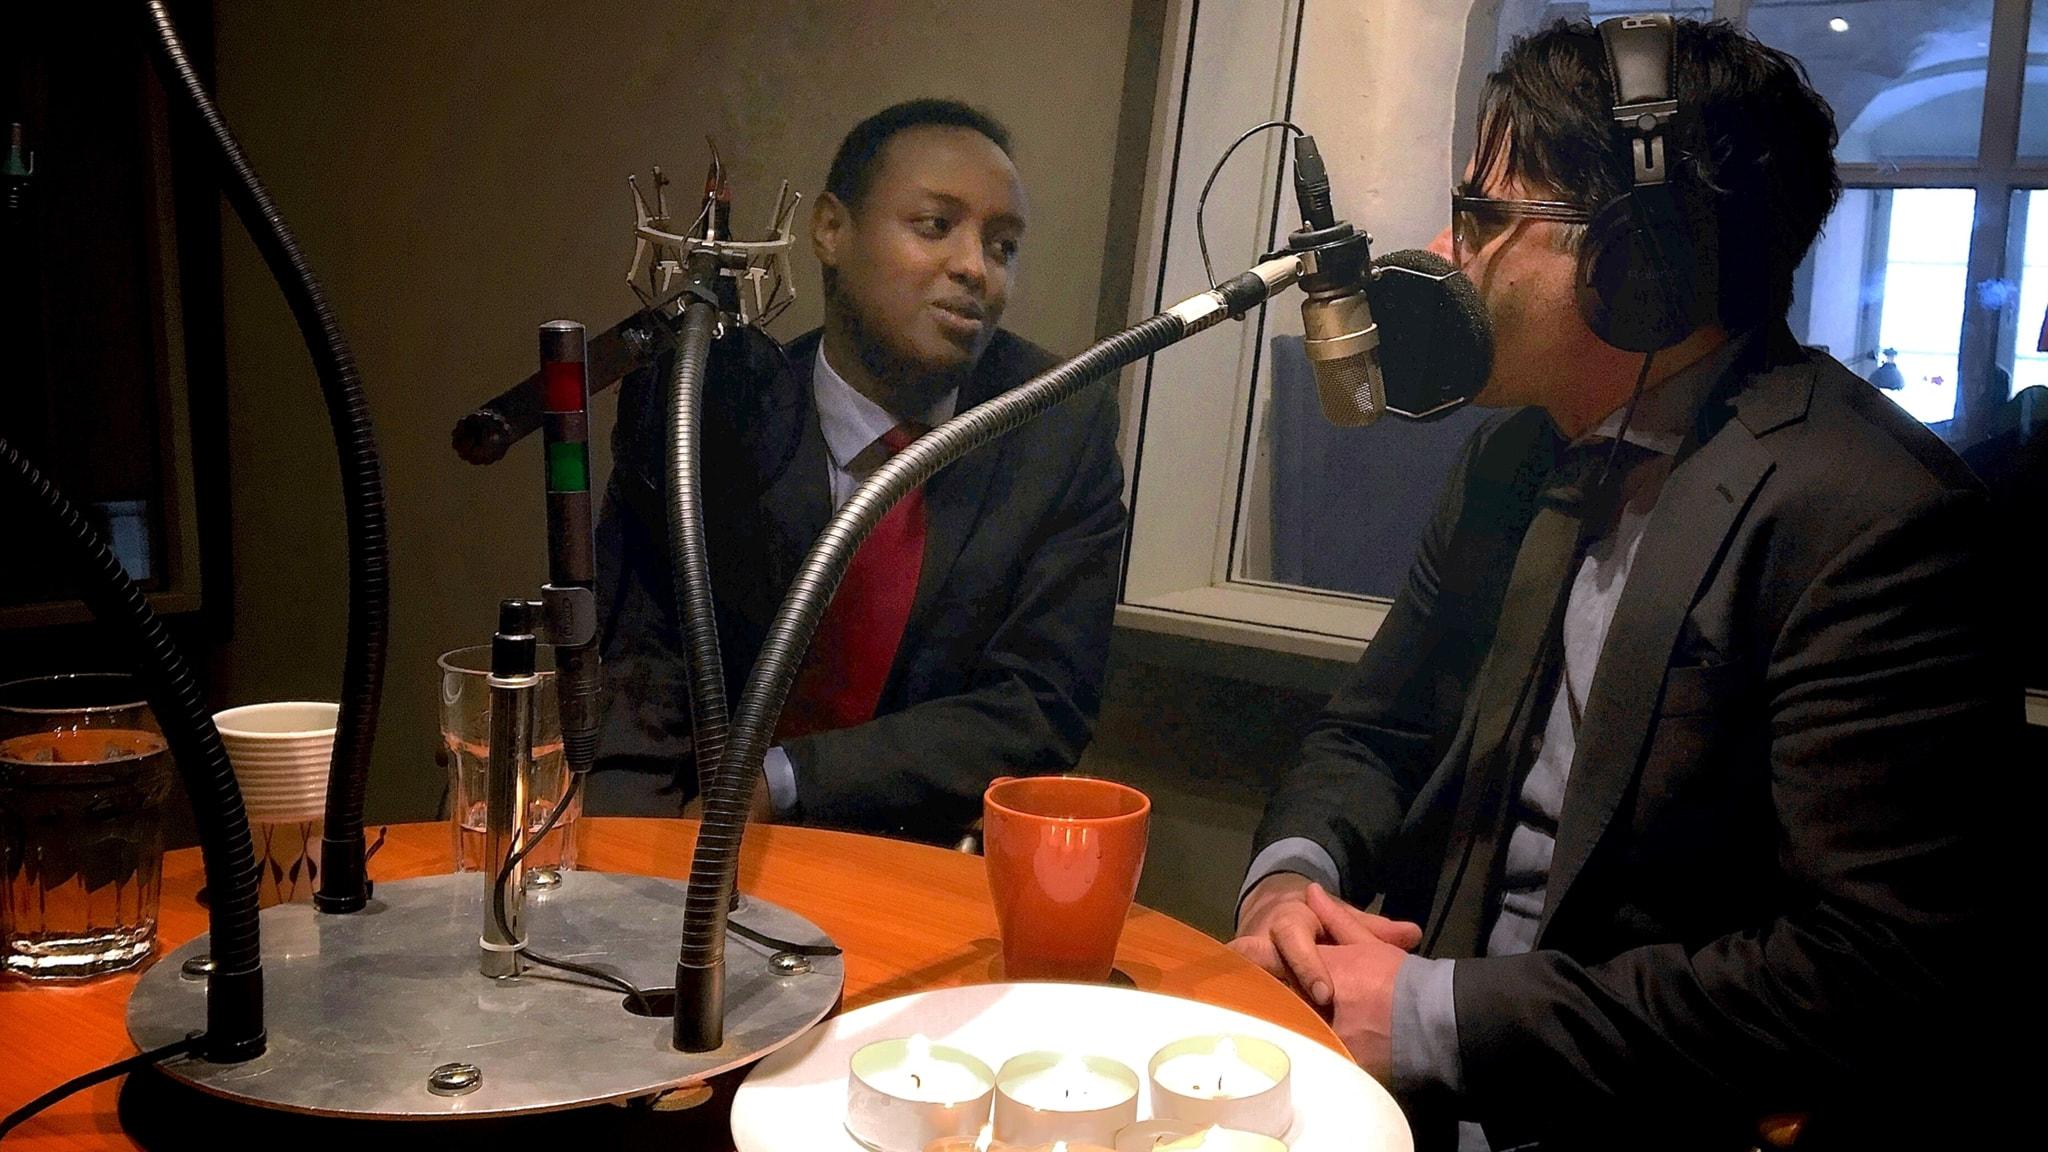 Ahmed Abdirahman – från inbördeskrigets Somalia till framtida makthavare i Sverige